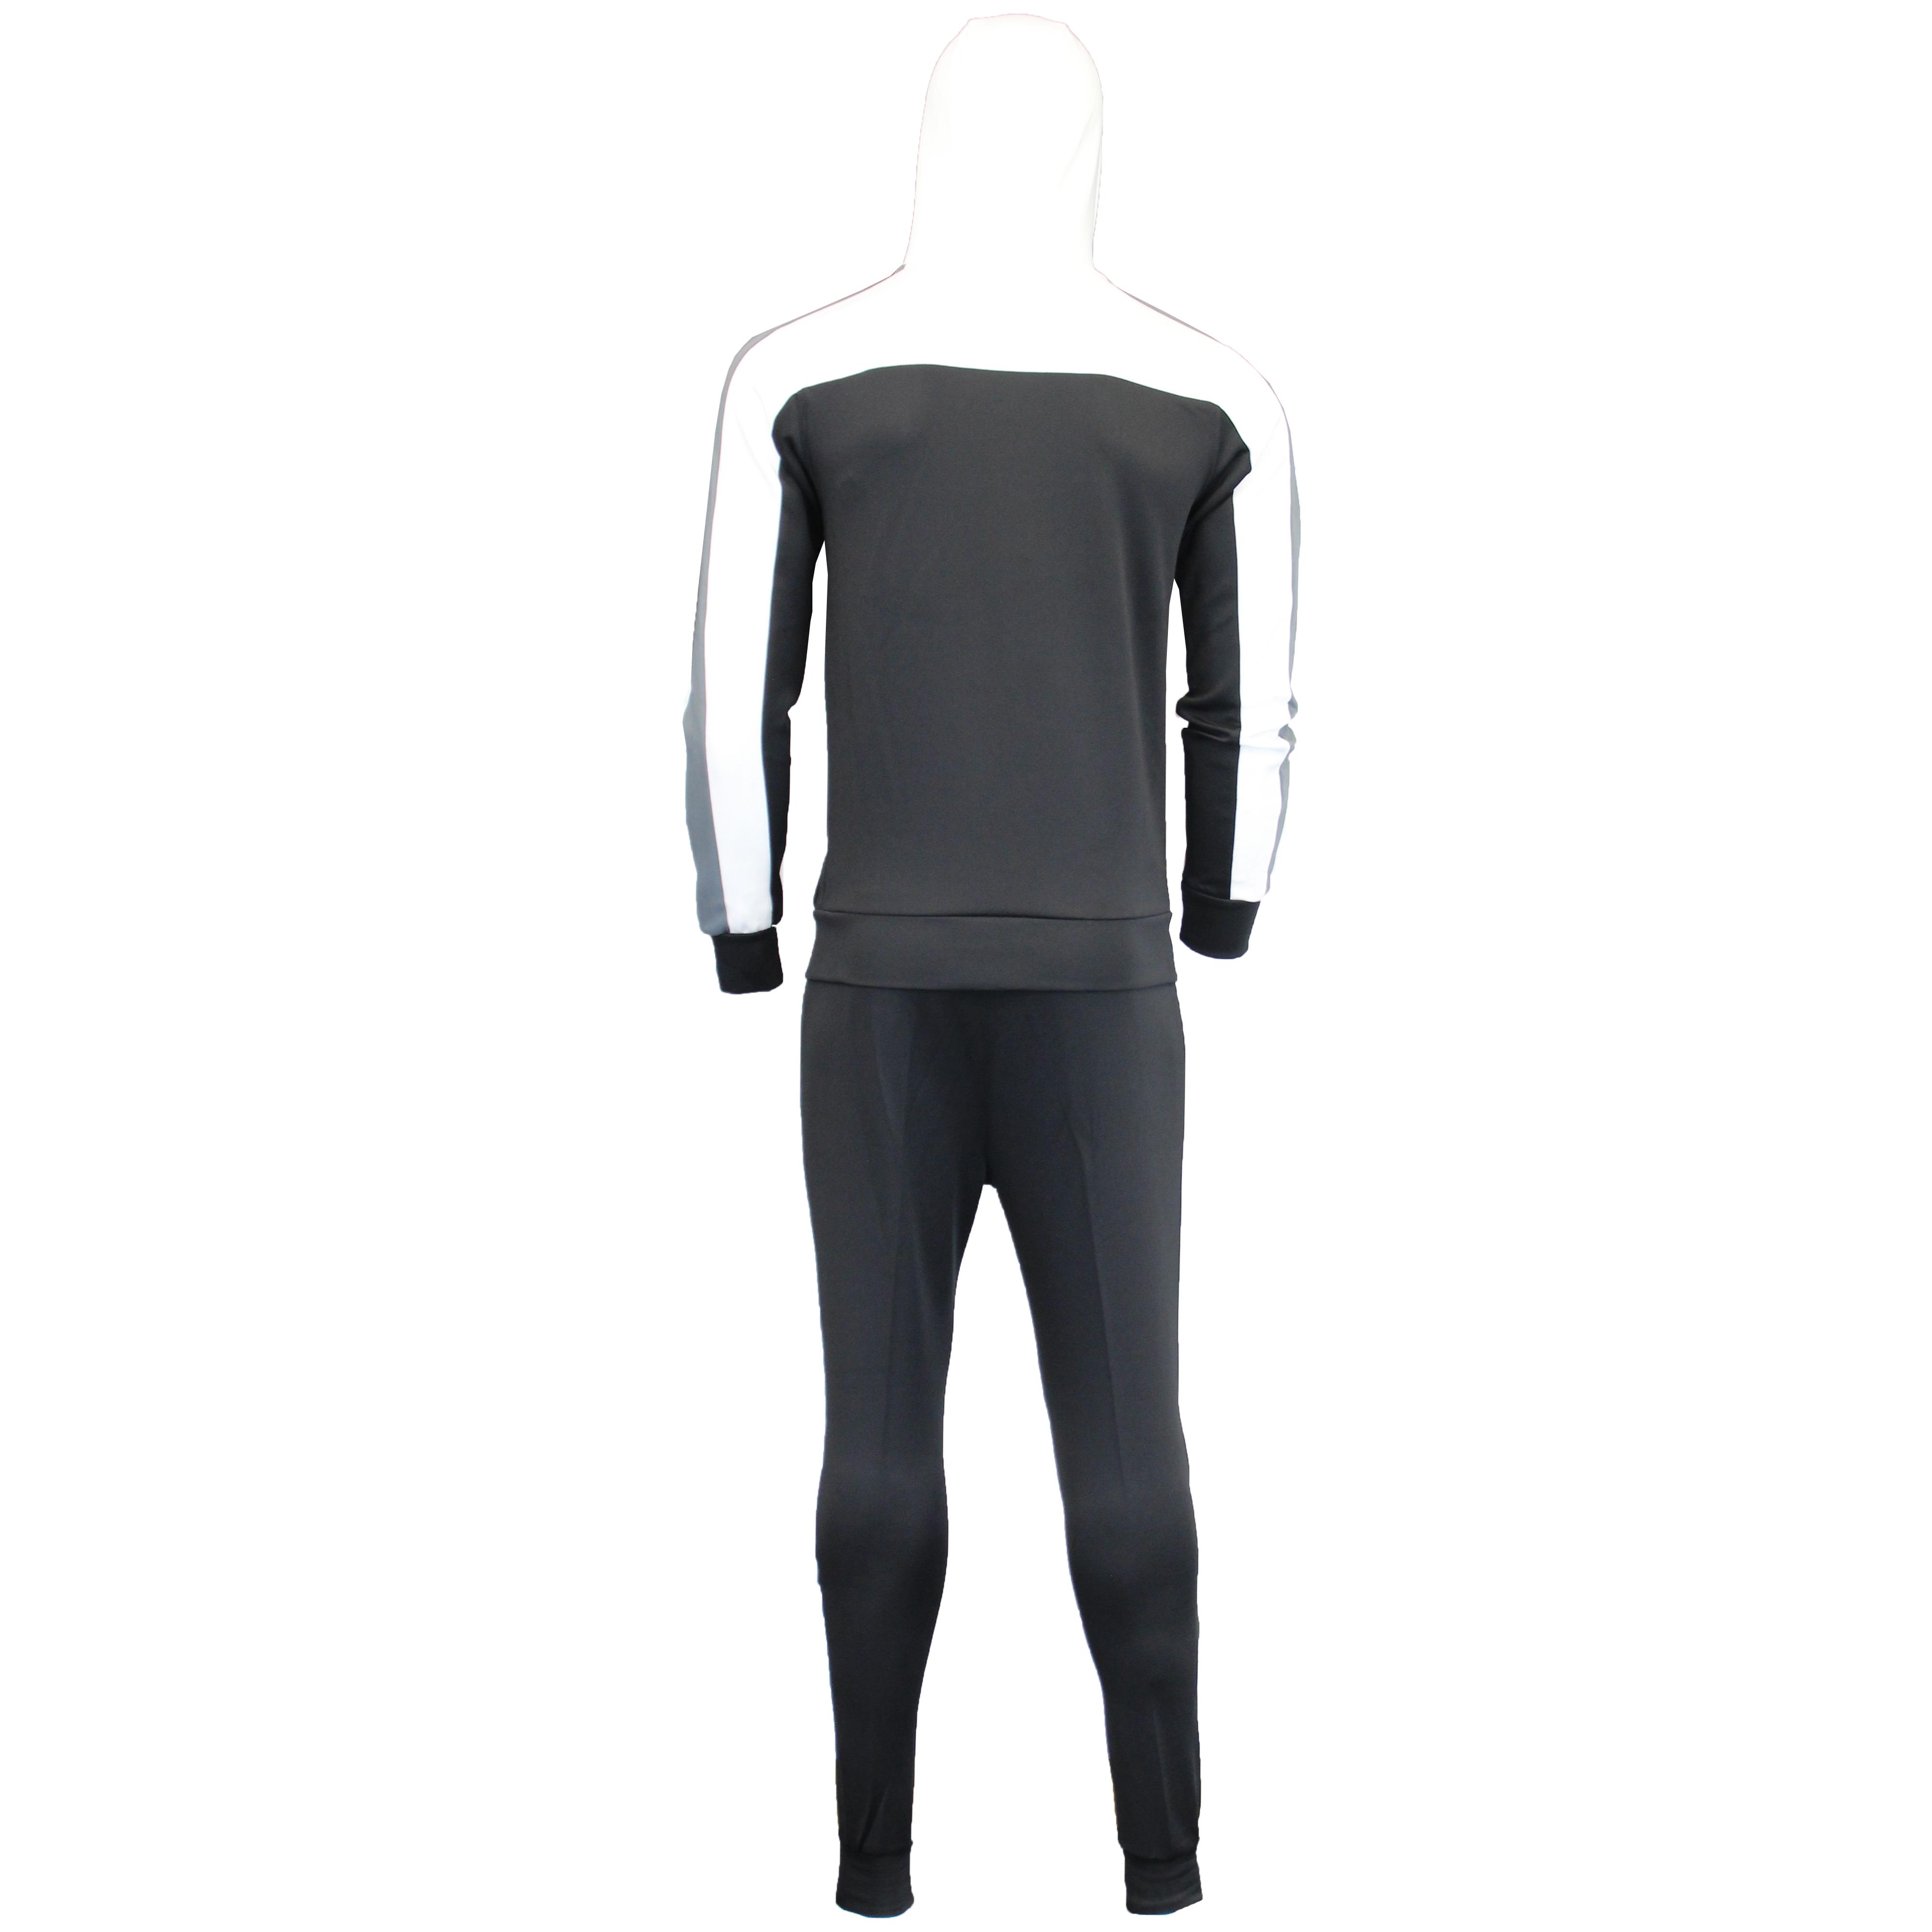 Homme Rayure Survêtement Sweat Pantalon Haut à capuche garçon Cott Survêtement Fashion New